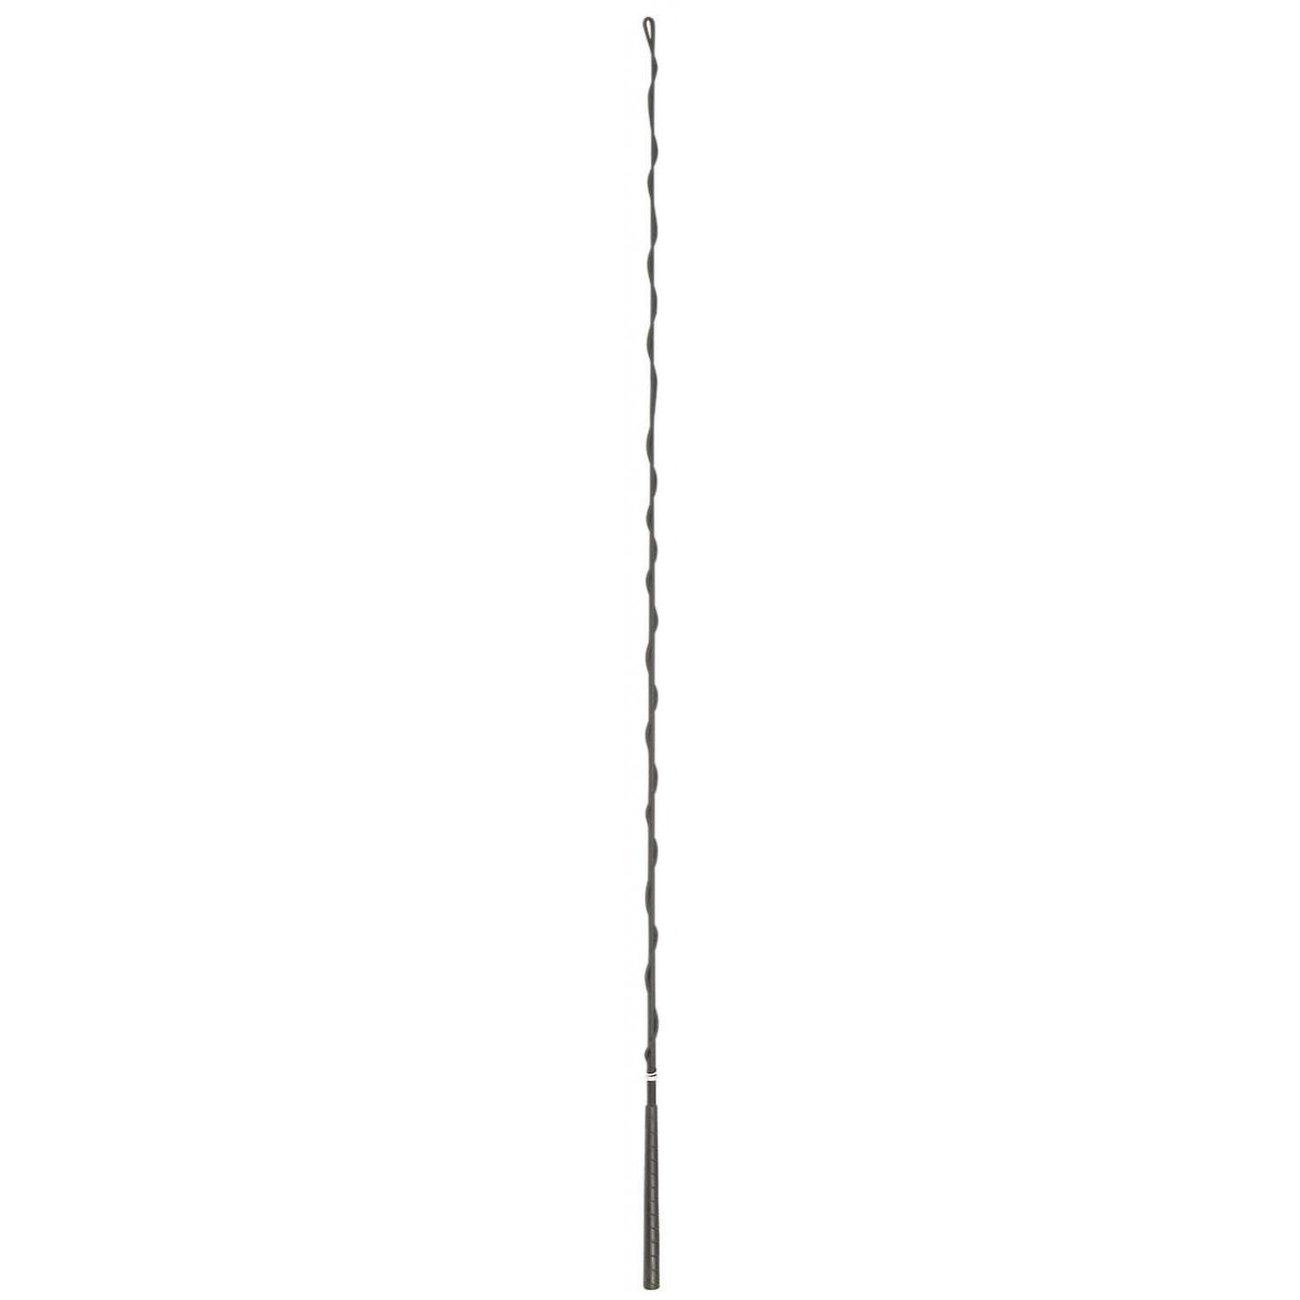 BUSSE Reflex Peitsche zum Longieren, Bild 2